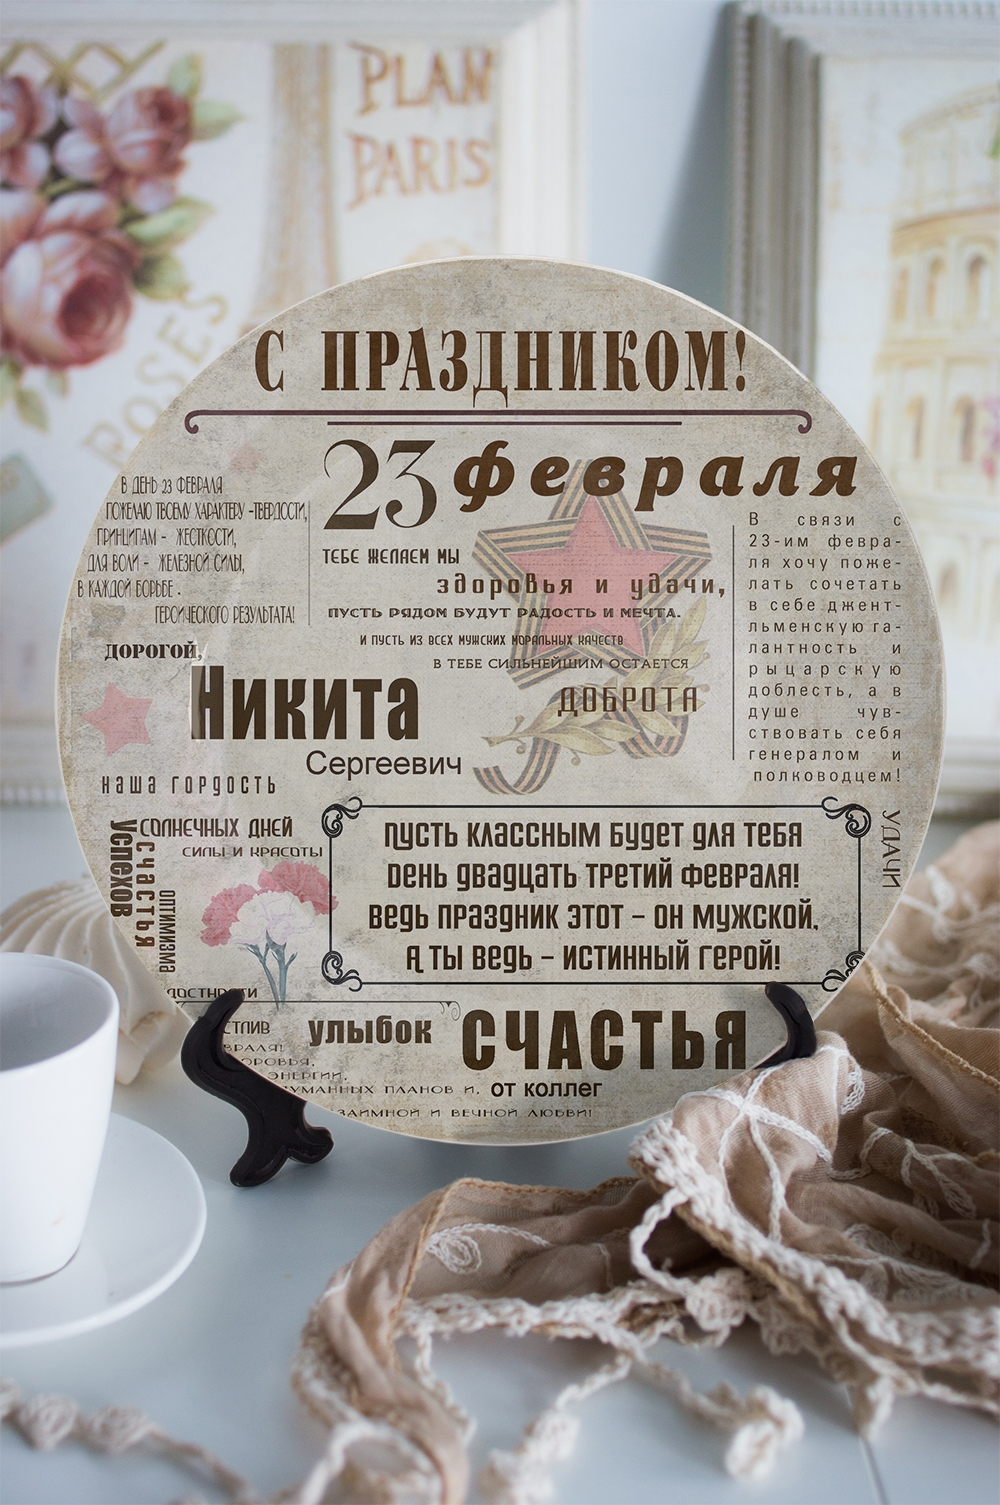 Тарелка декоративная с вашим текстом Вести 23 февраляТарелки и блюда<br>Подарите необыкновенный сувенир с индивидуальной надписью и именем – такая декоративная тарелка станет эксклюзивным украшением для интерьера и незабываемым подарком! Выберите понравившийся фон, впишите любимую фразу, имя получателя. Диаметр 20см<br>